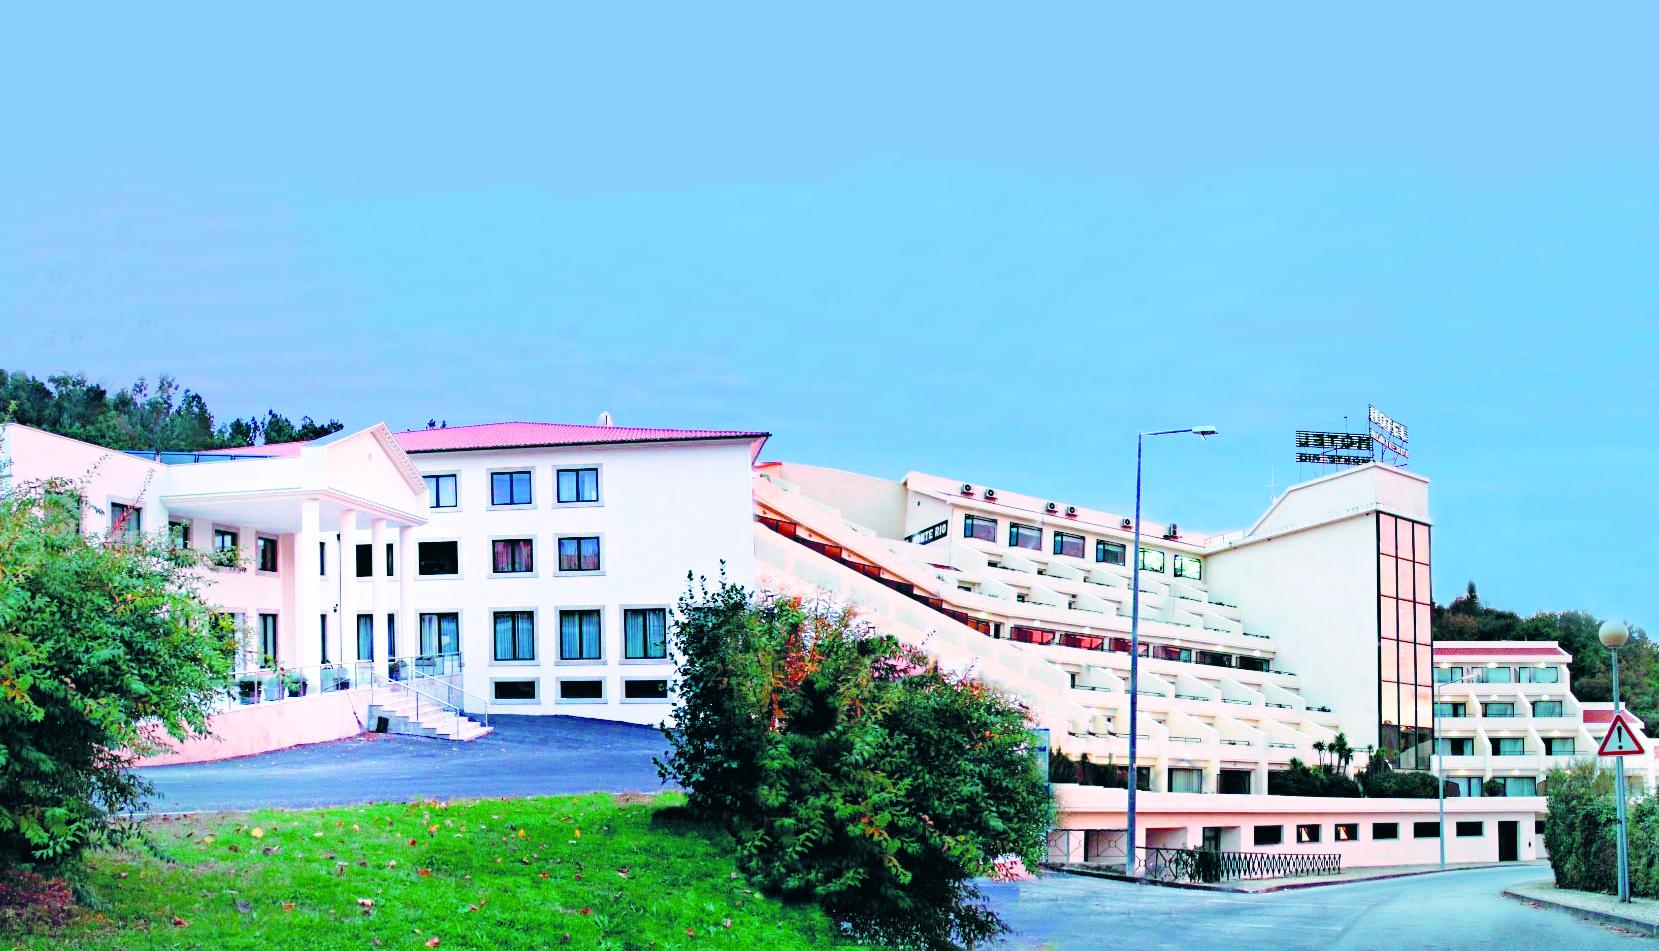 Reserve a sua estadia no Palace Hotel & Spa Monte Rio